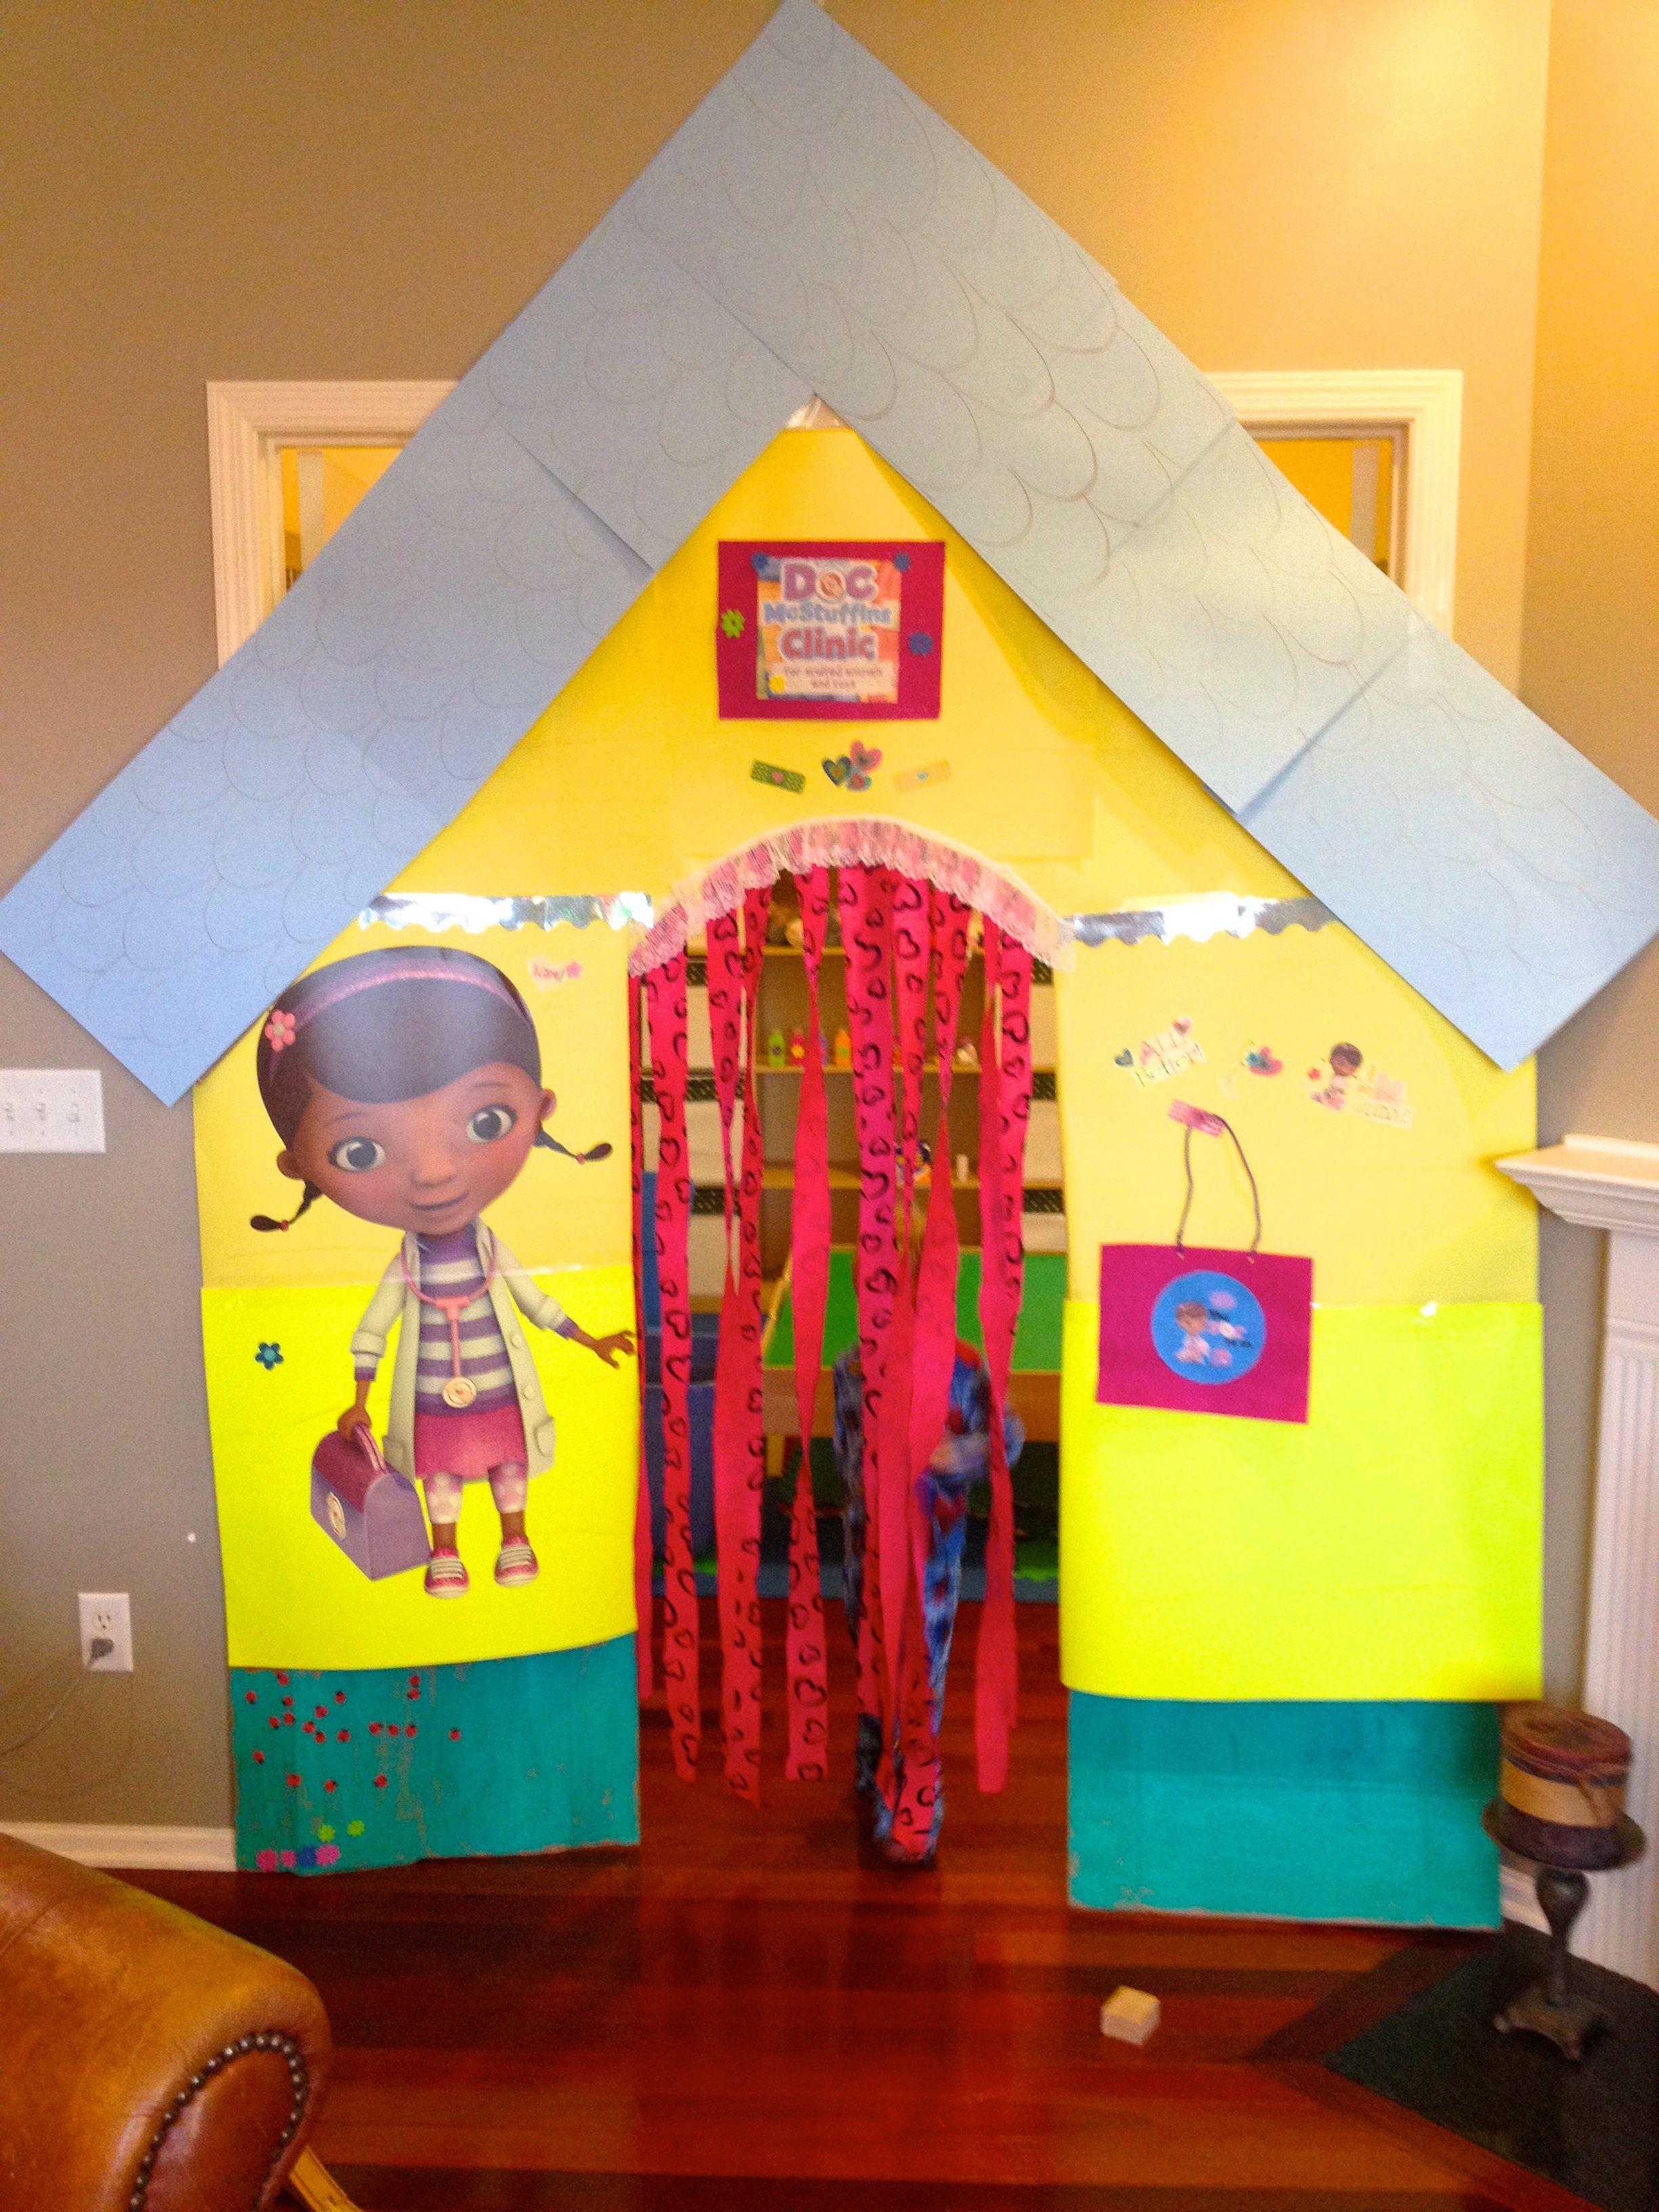 Doc mcstuffins bandages doc mcstuffins party ideas on pinterest doc - Doc Mcstuffins Clinic Door For Birthday Party